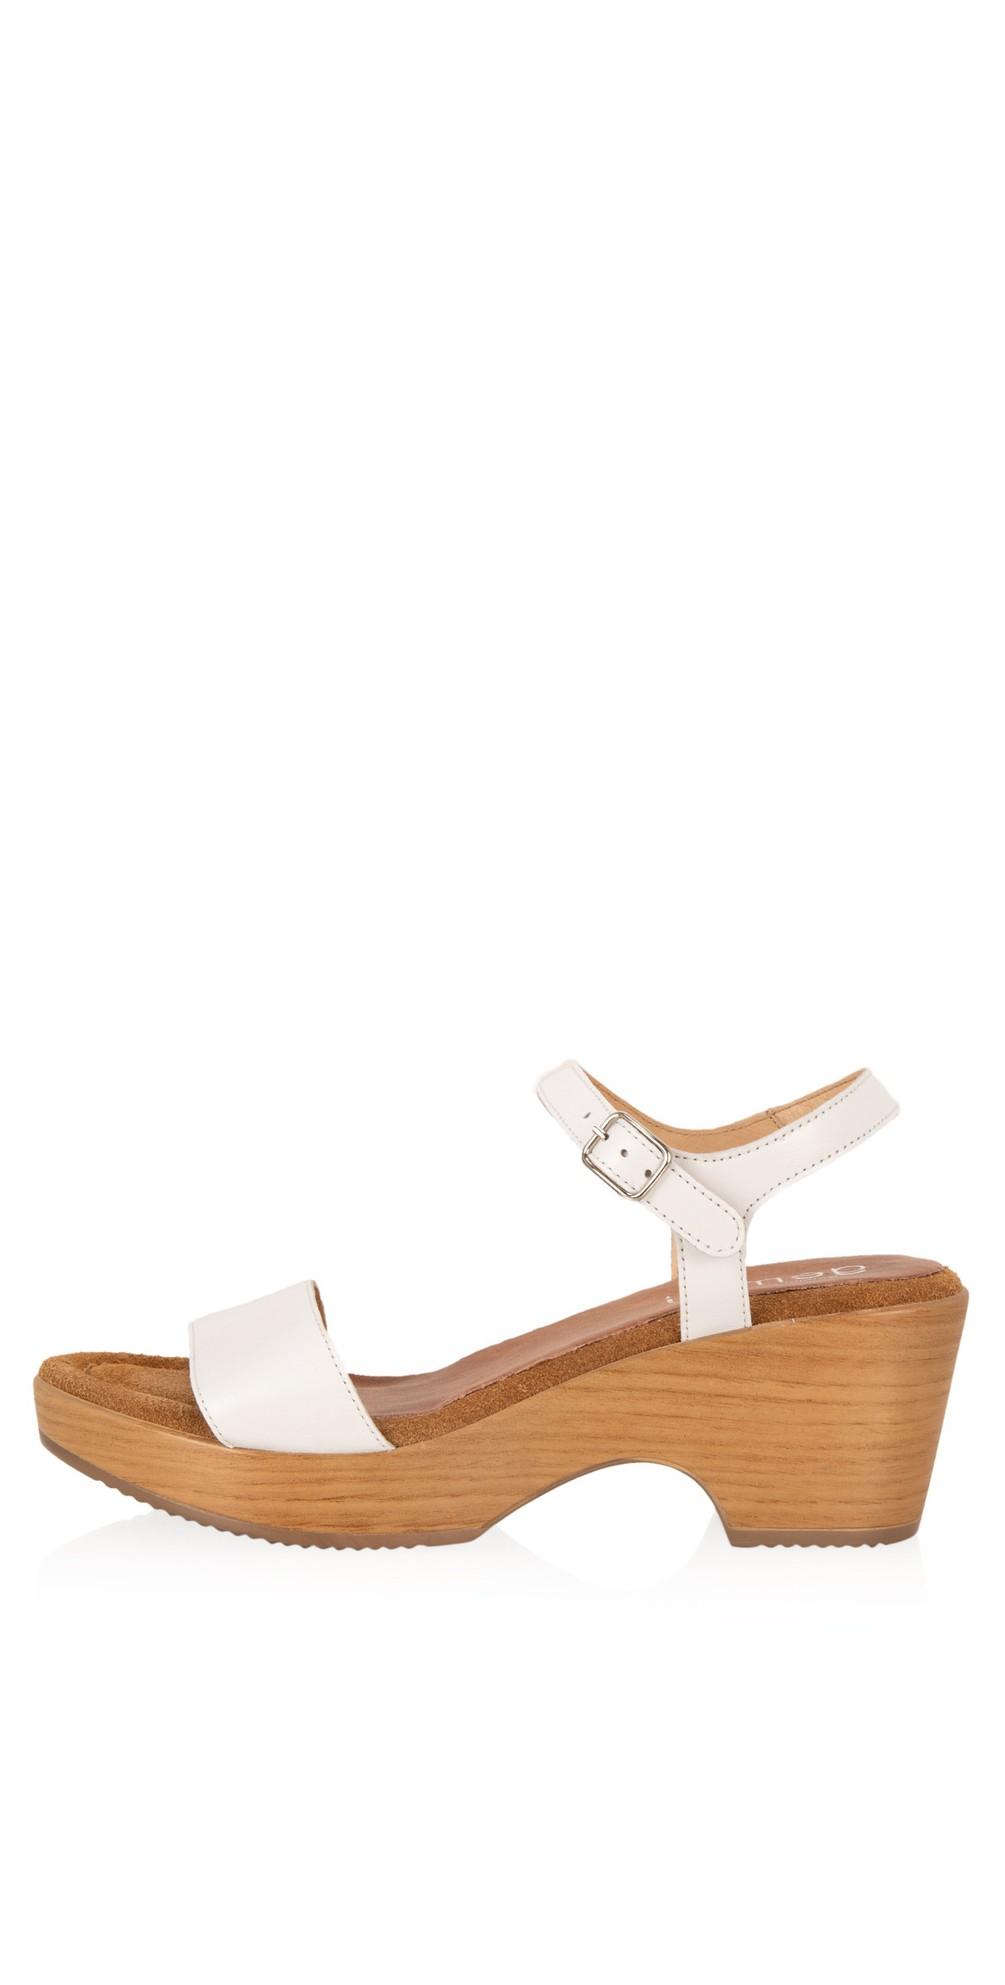 Aneka Icon White Leather Wedge Sandal main image